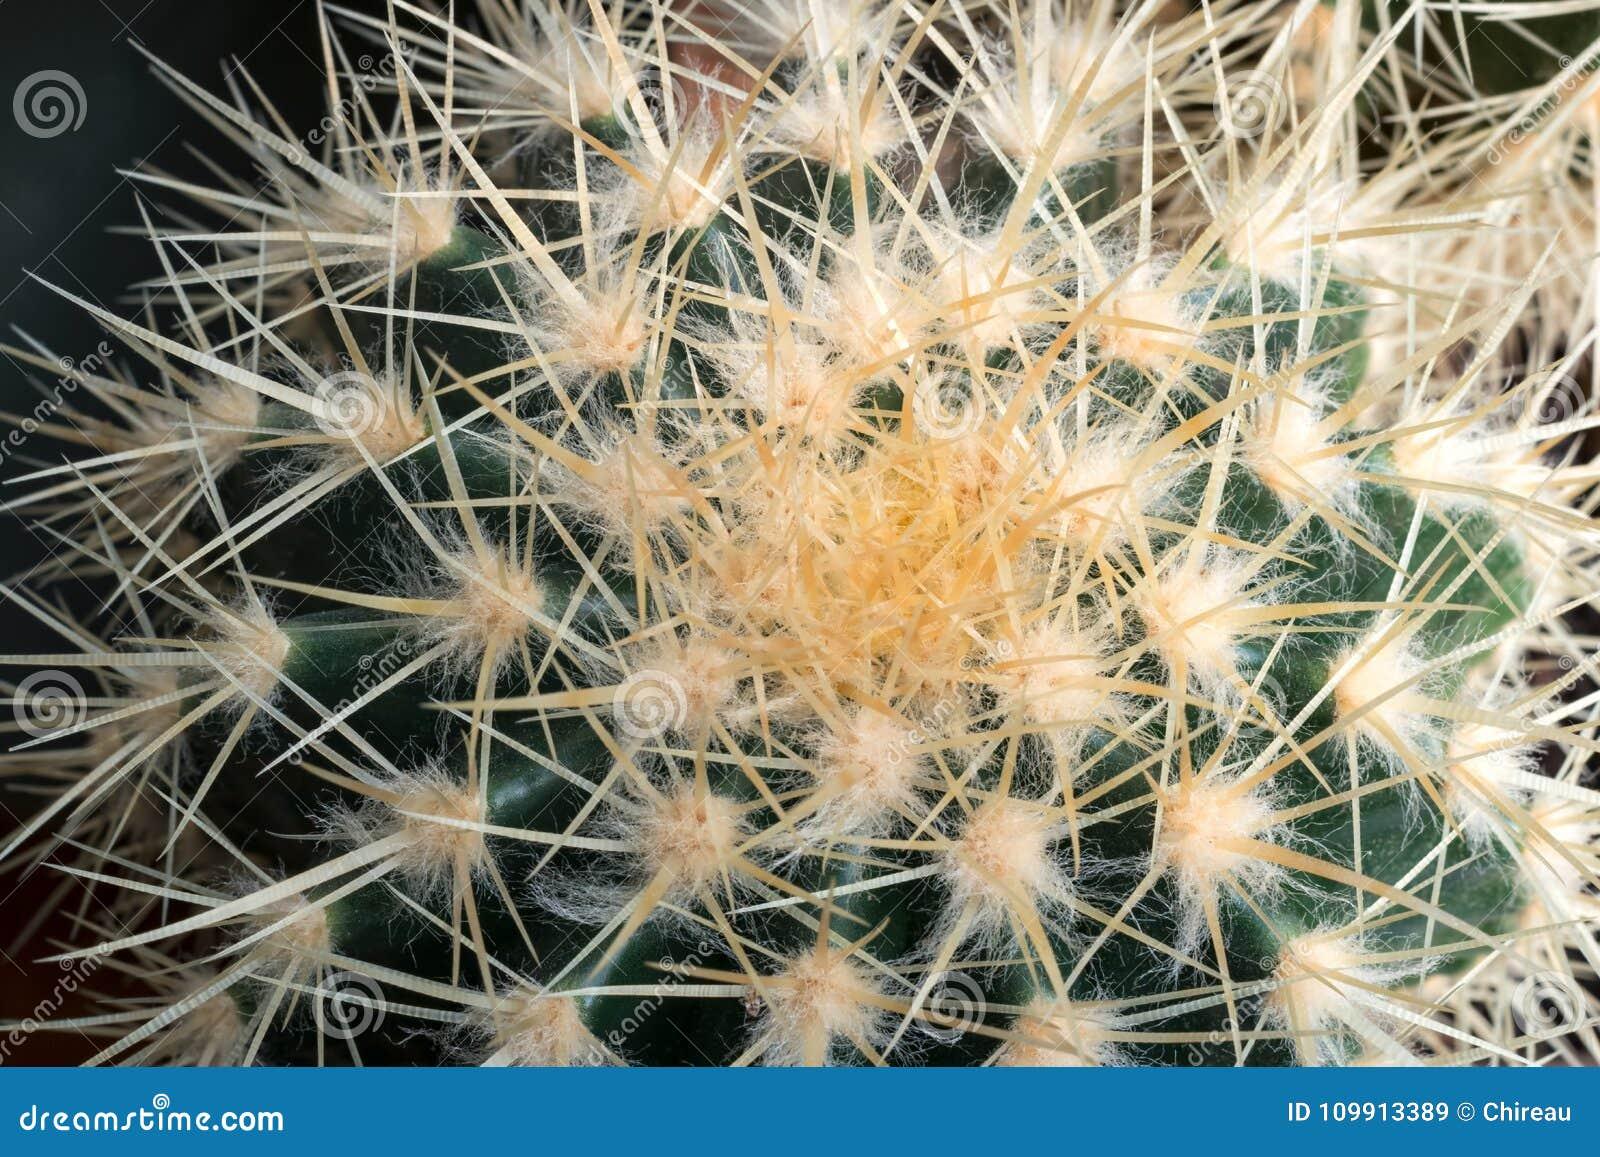 Golden barrel cactus or echinocactus grusonii close-up